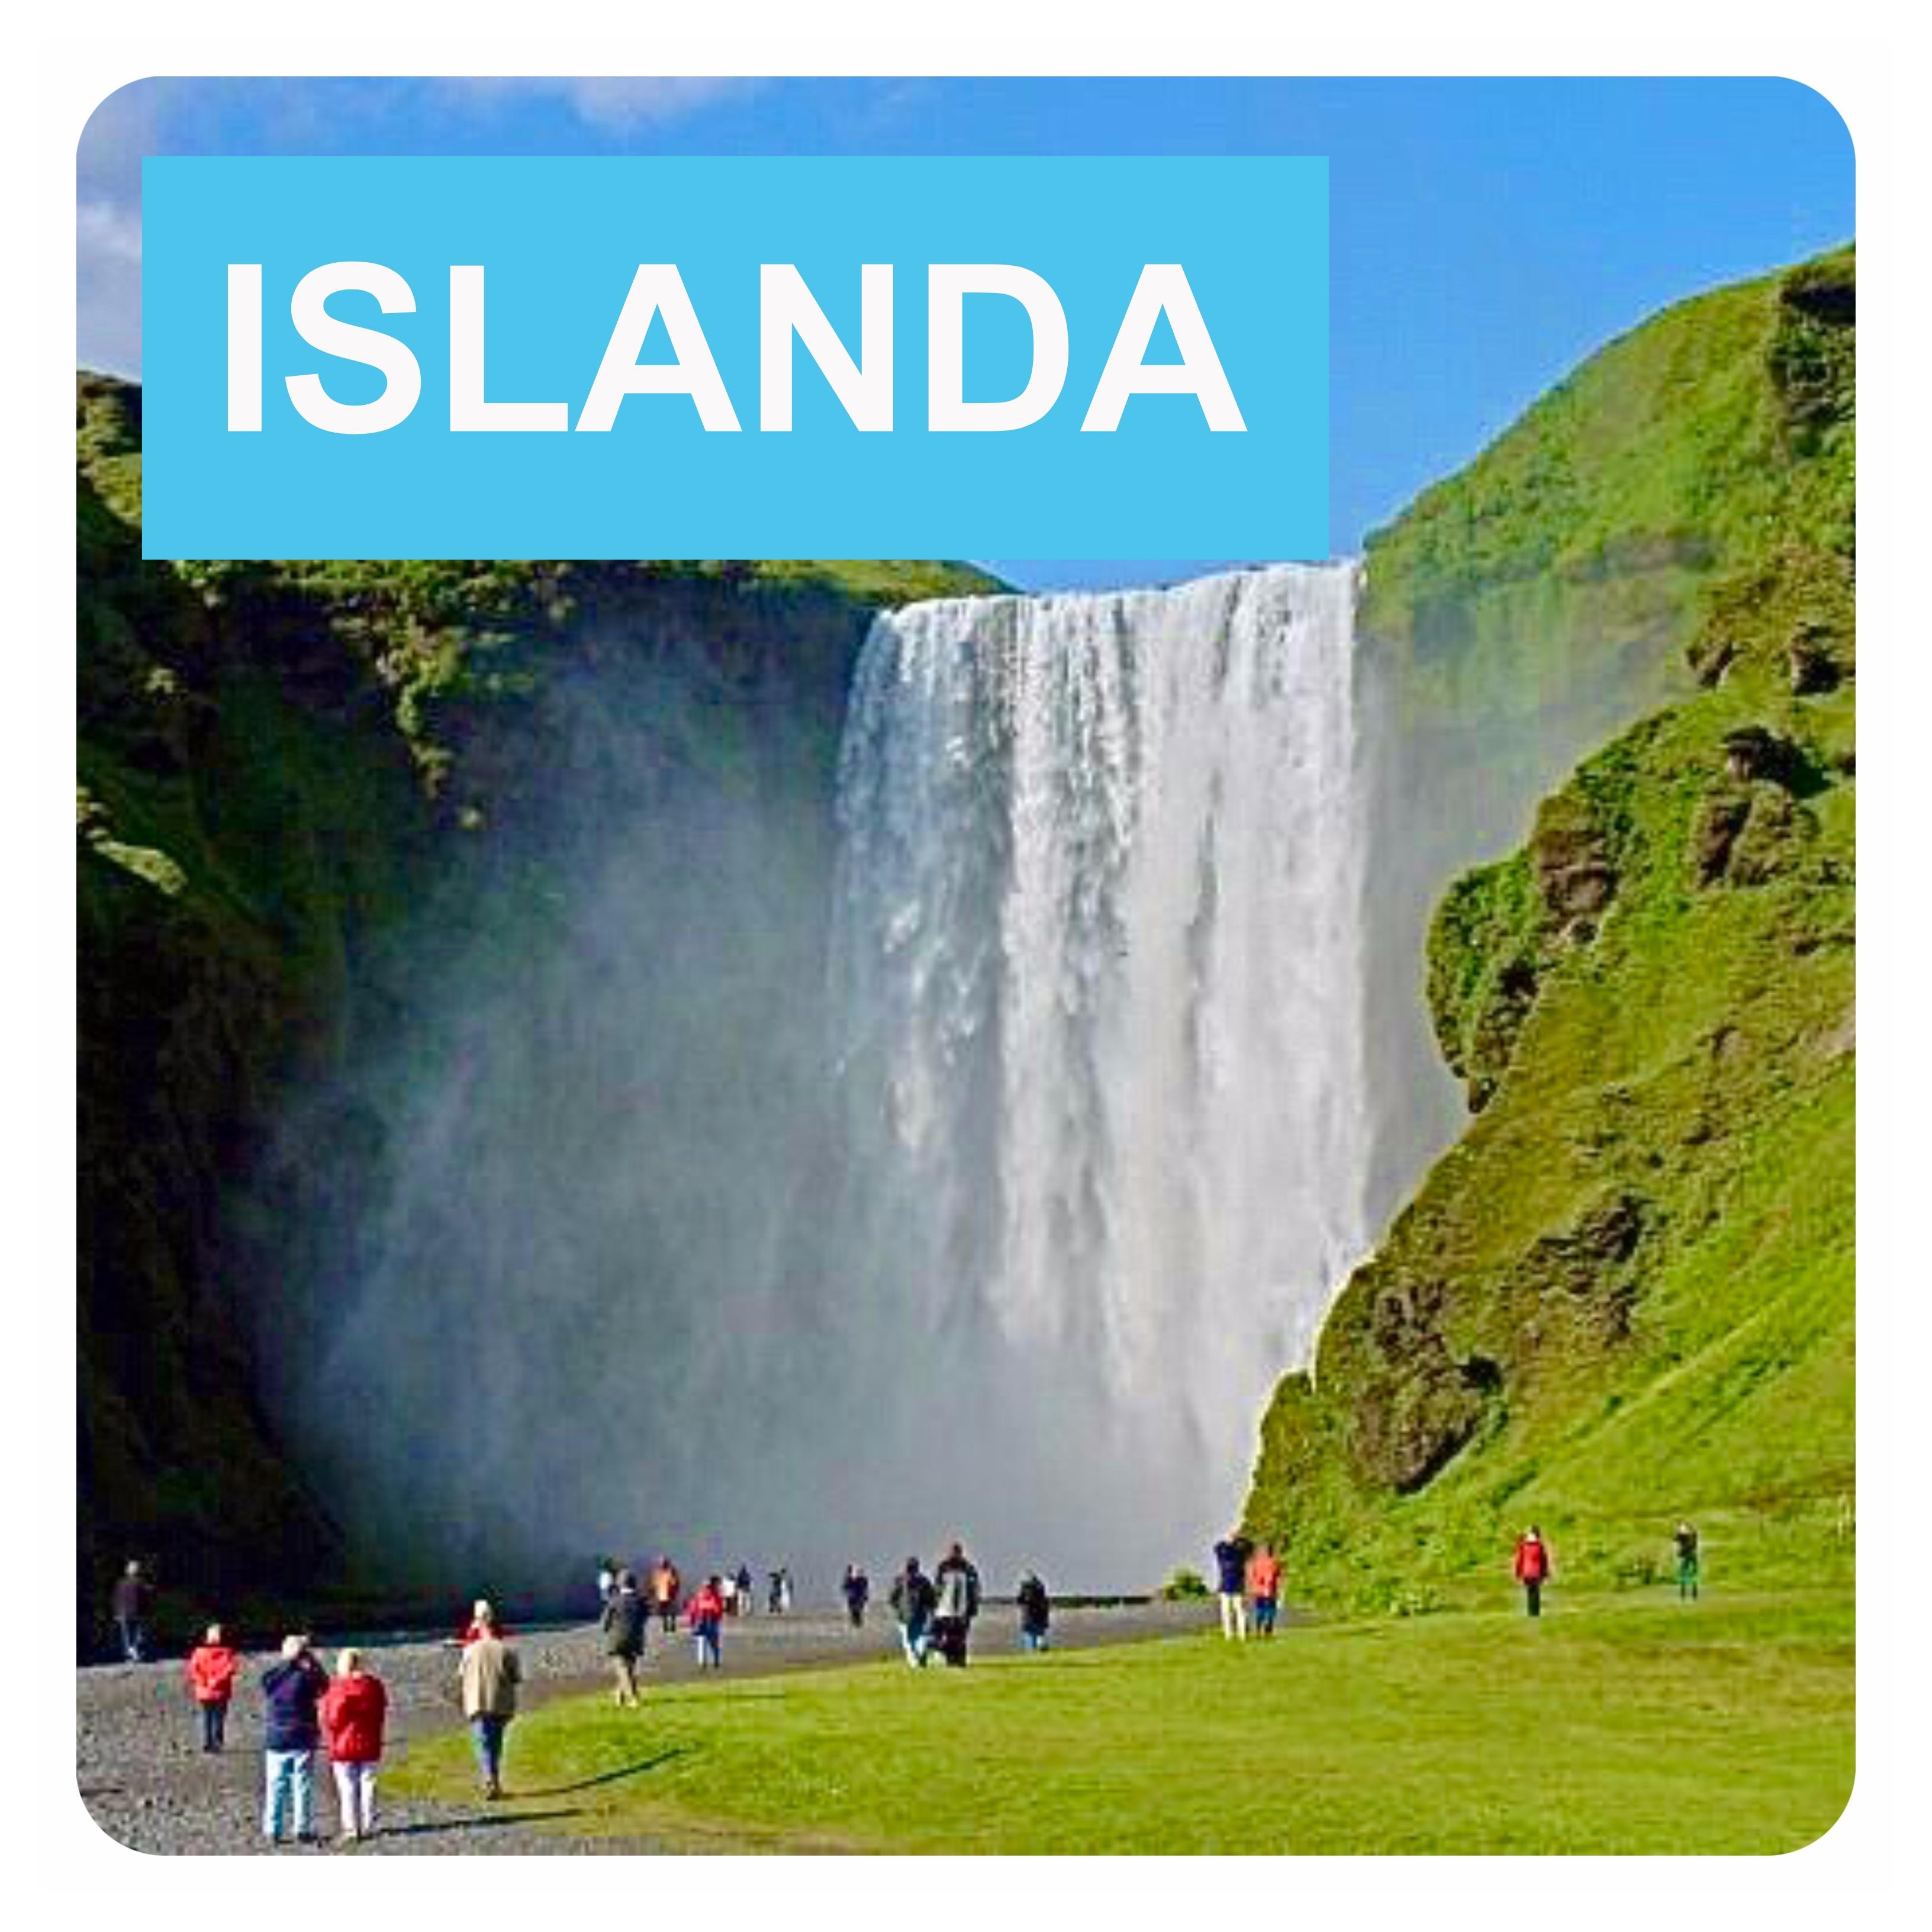 Noleggio auto in Islanda senza carta di credito